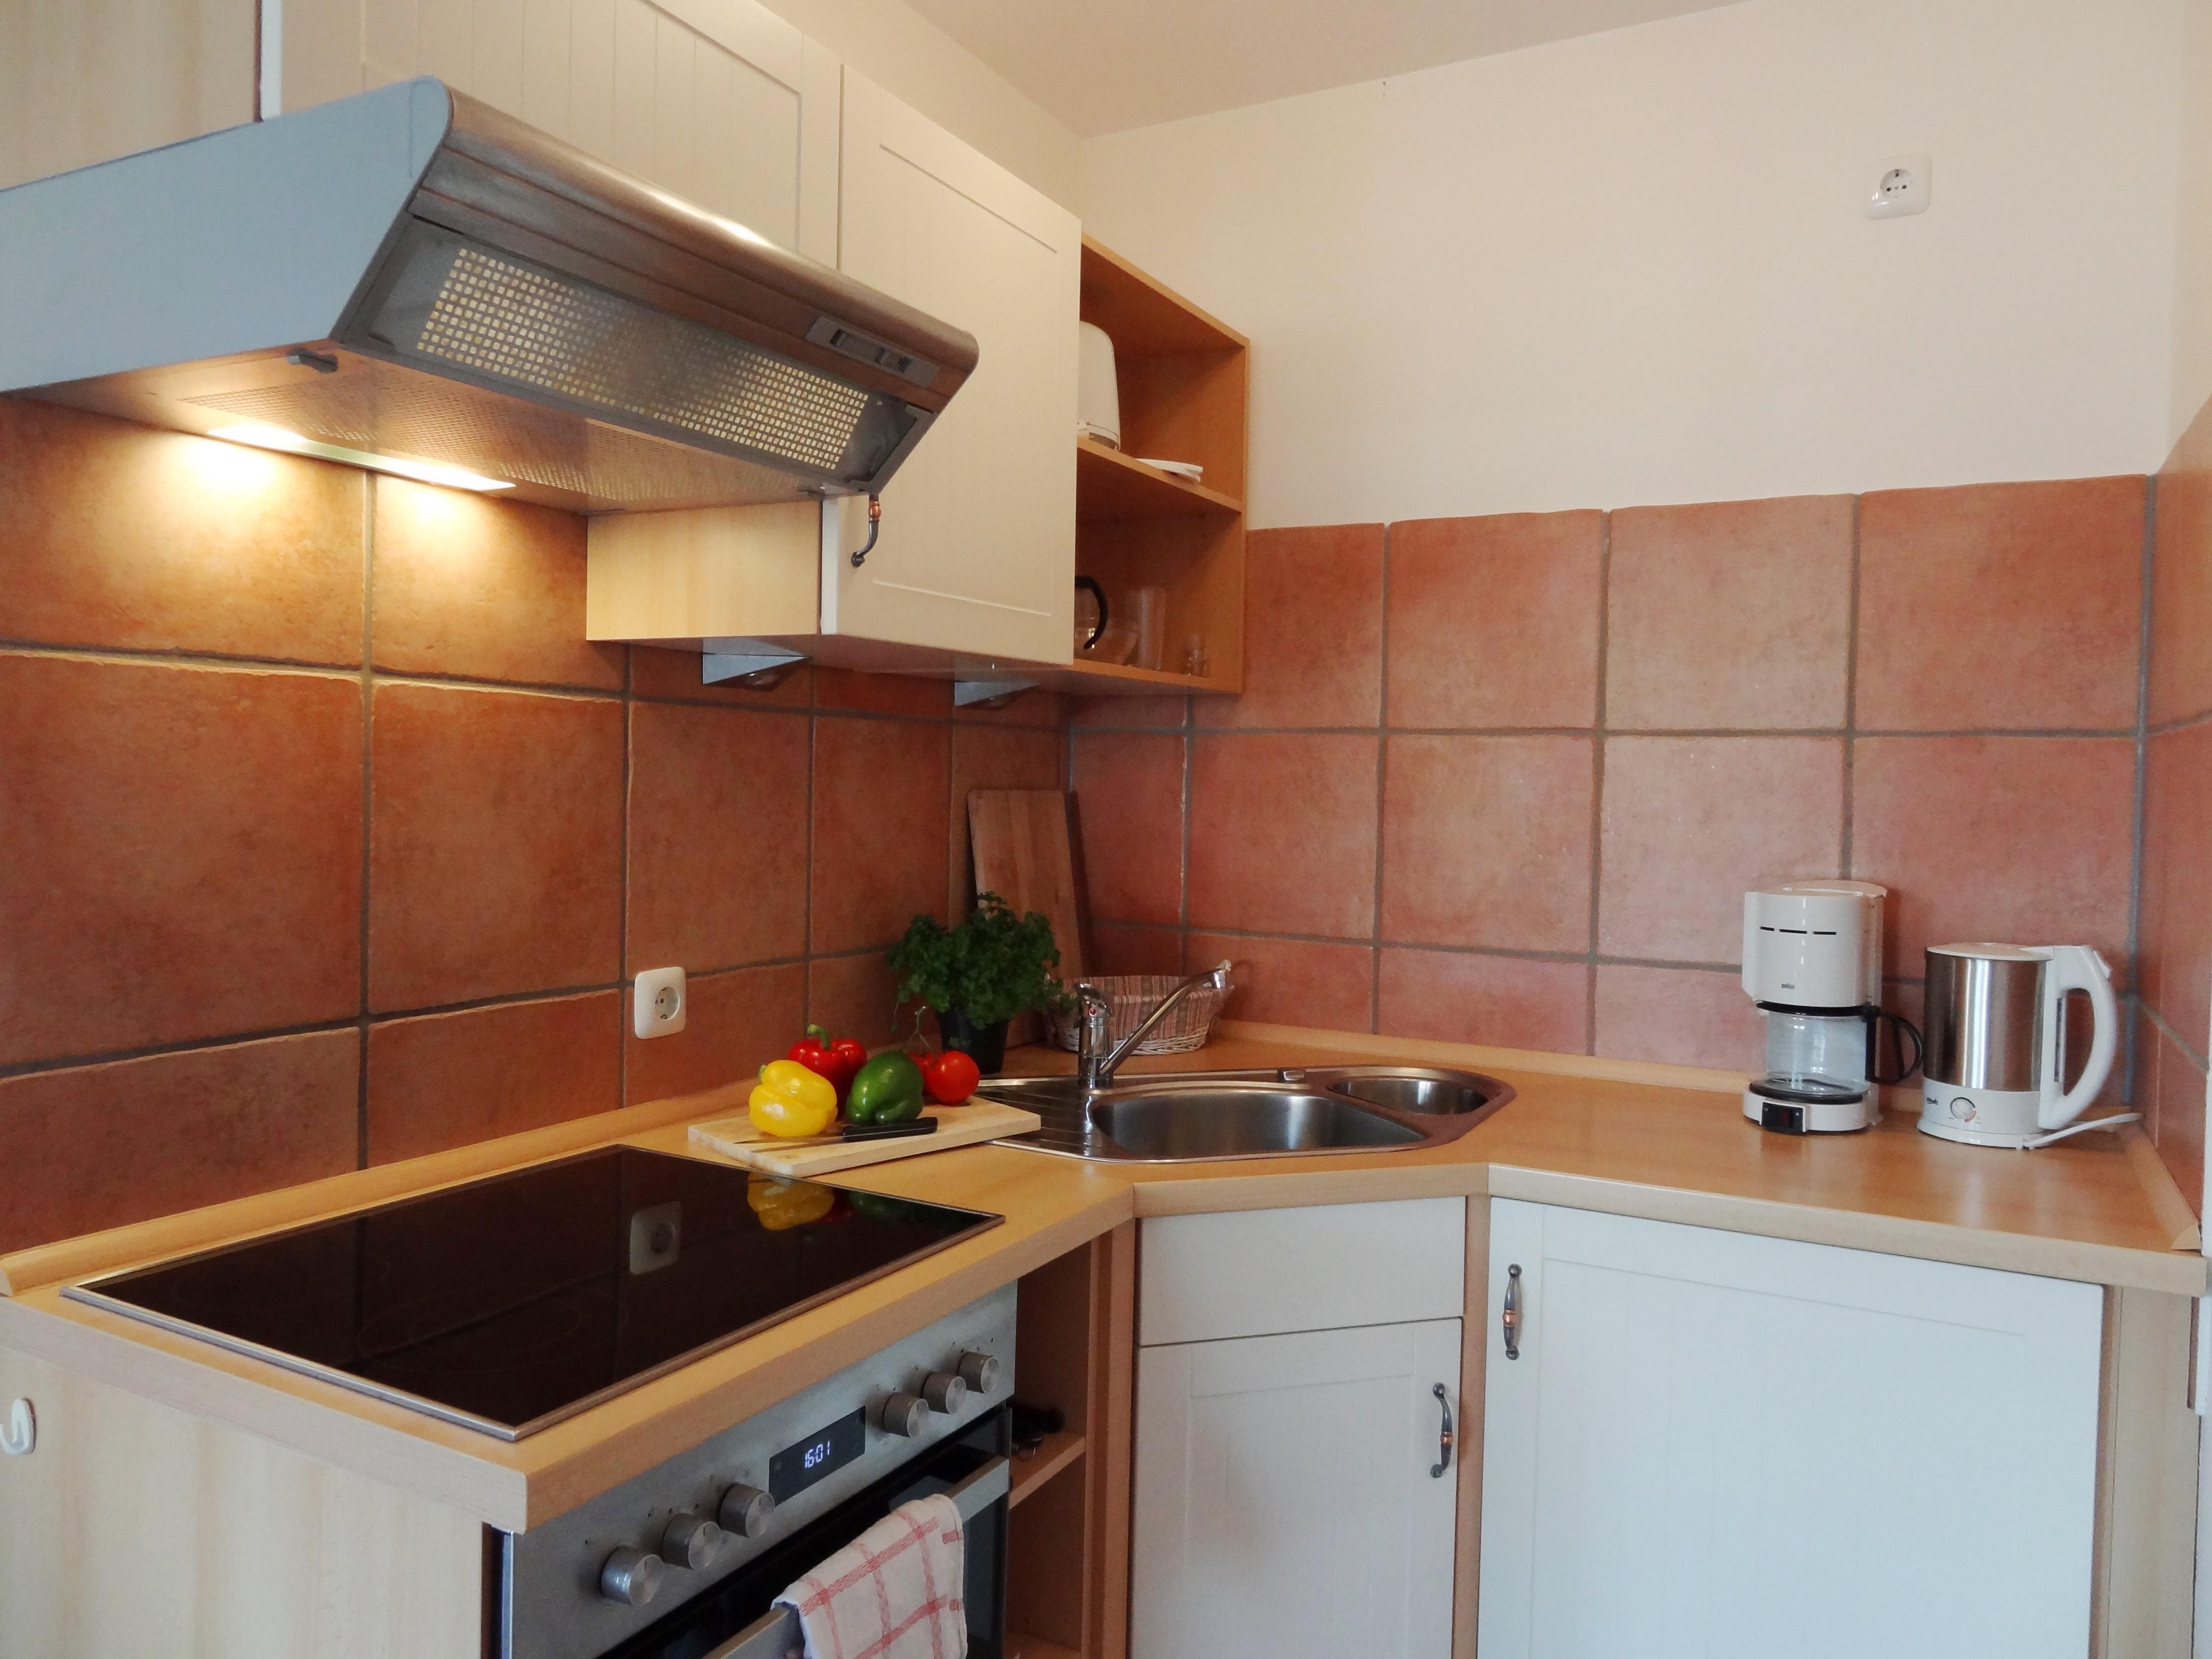 Küche der Ferienwohnung Brandenburg von Ferienwohnungen Hass auf Fehmarn